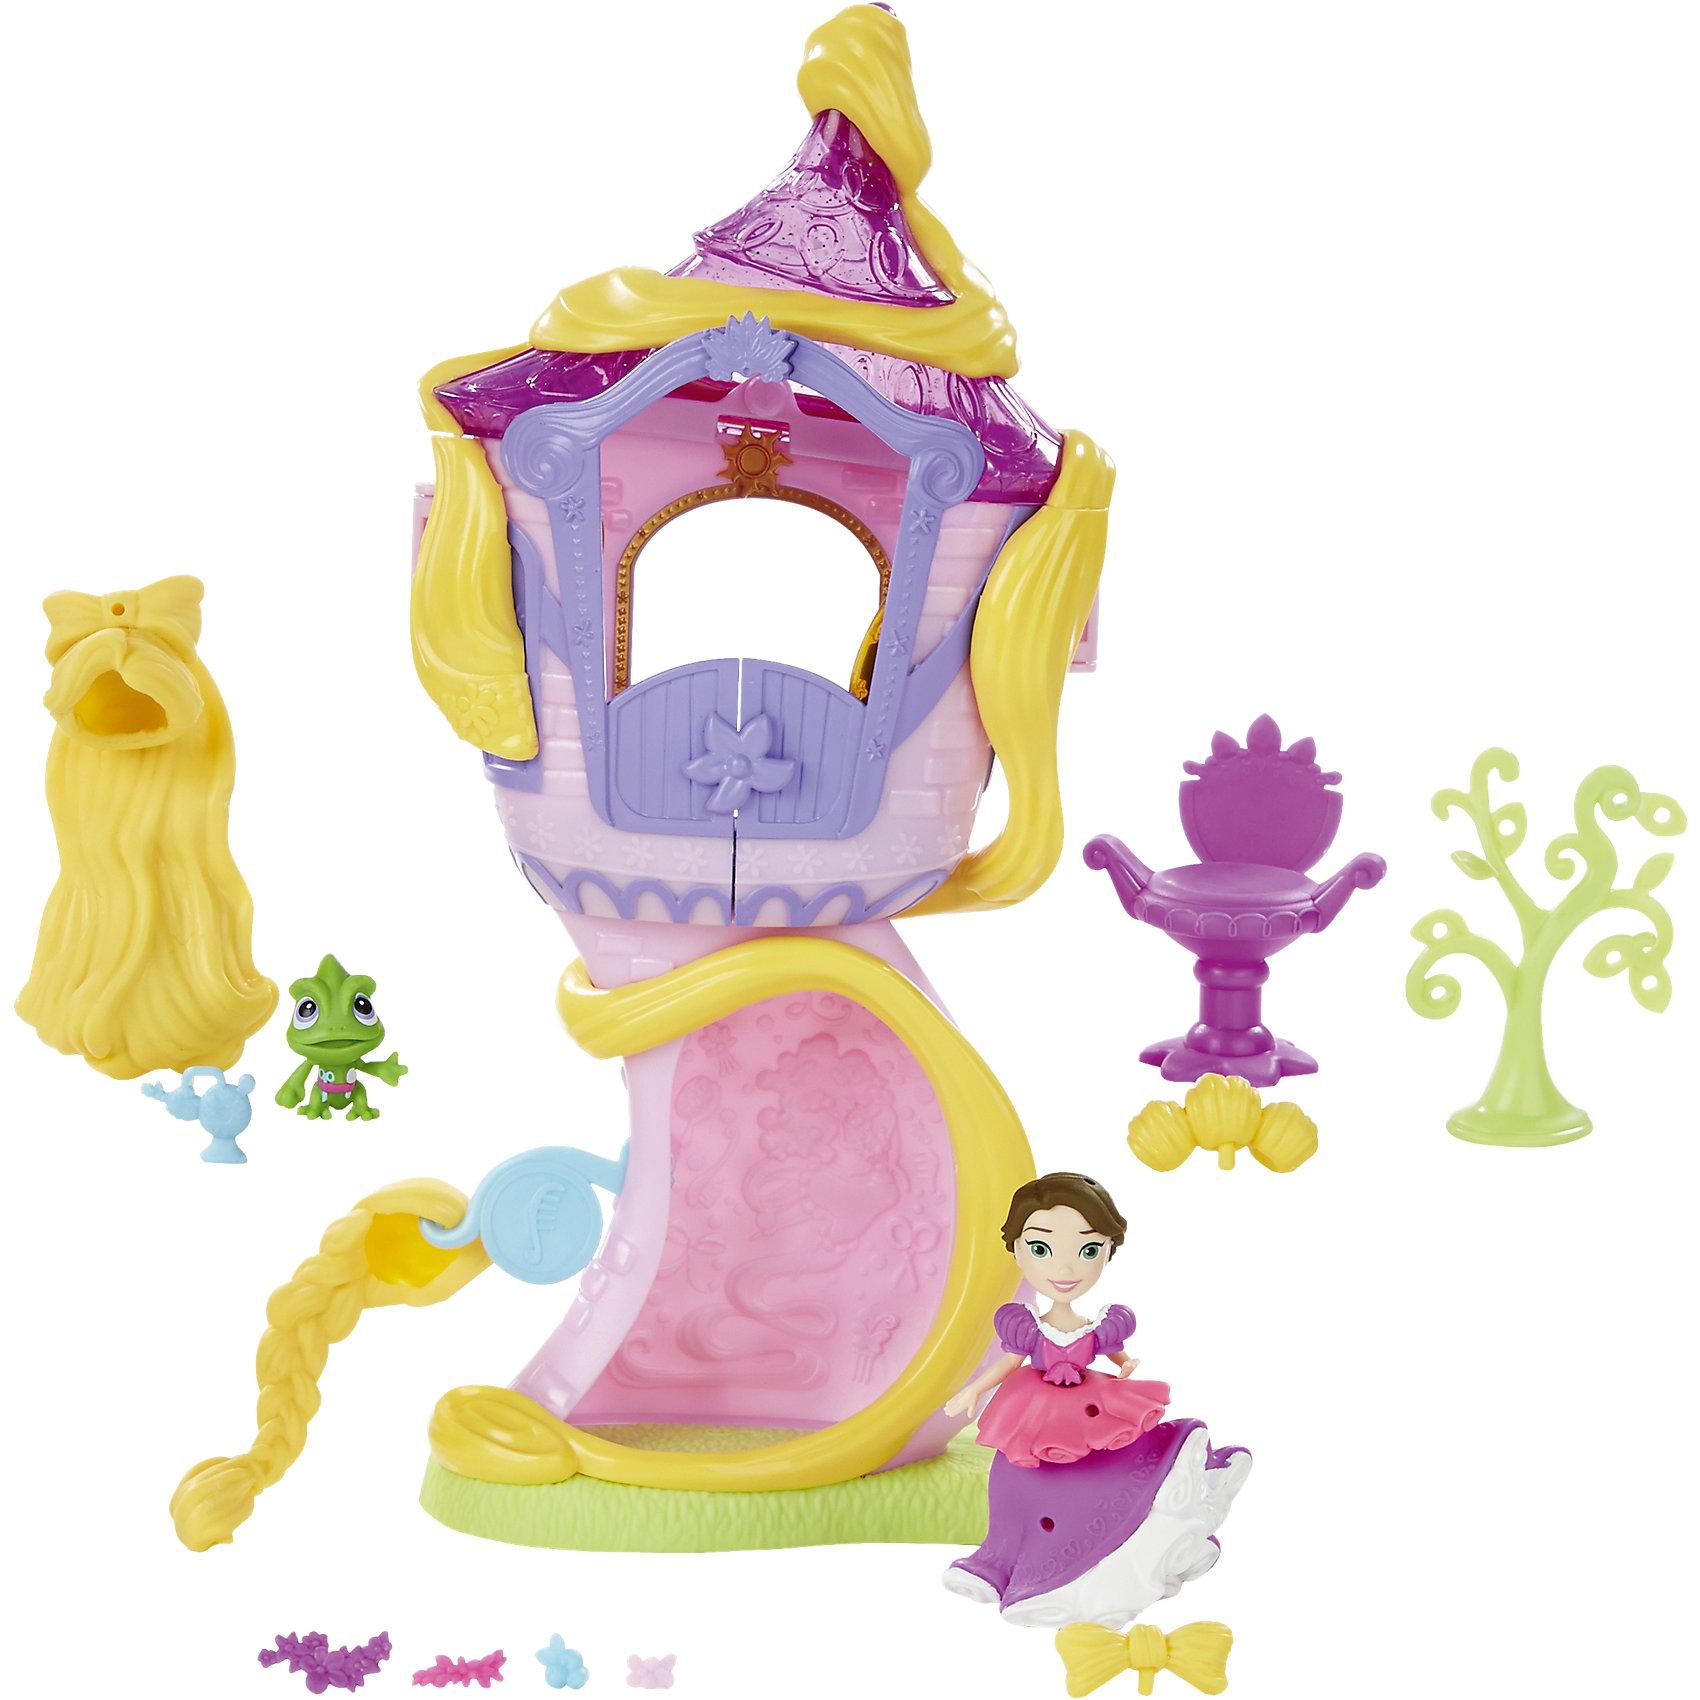 Набор Башня Рапунцель, Disney PrincessДомики для кукол<br>Девочки обожают принцесс и сказки. Кукла Рапунцель  с длинными пластиковыми волосами приведет в восторг любую девочку! В дополнение к ней в набор включен волшебная башня, а также аксессуары для украшения куклы и парик для смены прически, как в мультфильме.<br>Этот набор обязательно порадует ребенка! Он станет отличным подарком и поможет девочке развивать свою фантазию и мелкую моторику. Кукла и башня сделаны из качественных и безопасных для ребенка материалов.<br><br>Дополнительная информация:<br><br>цвет: разноцветный;<br>комплектация: кукла, башня, аксессуары;<br>материал: пластик.<br><br>Набор Башня Рапунцель, Disney Princess можно купить в нашем магазине.<br><br>Ширина мм: 308<br>Глубина мм: 261<br>Высота мм: 79<br>Вес г: 602<br>Возраст от месяцев: 36<br>Возраст до месяцев: 72<br>Пол: Женский<br>Возраст: Детский<br>SKU: 4351514